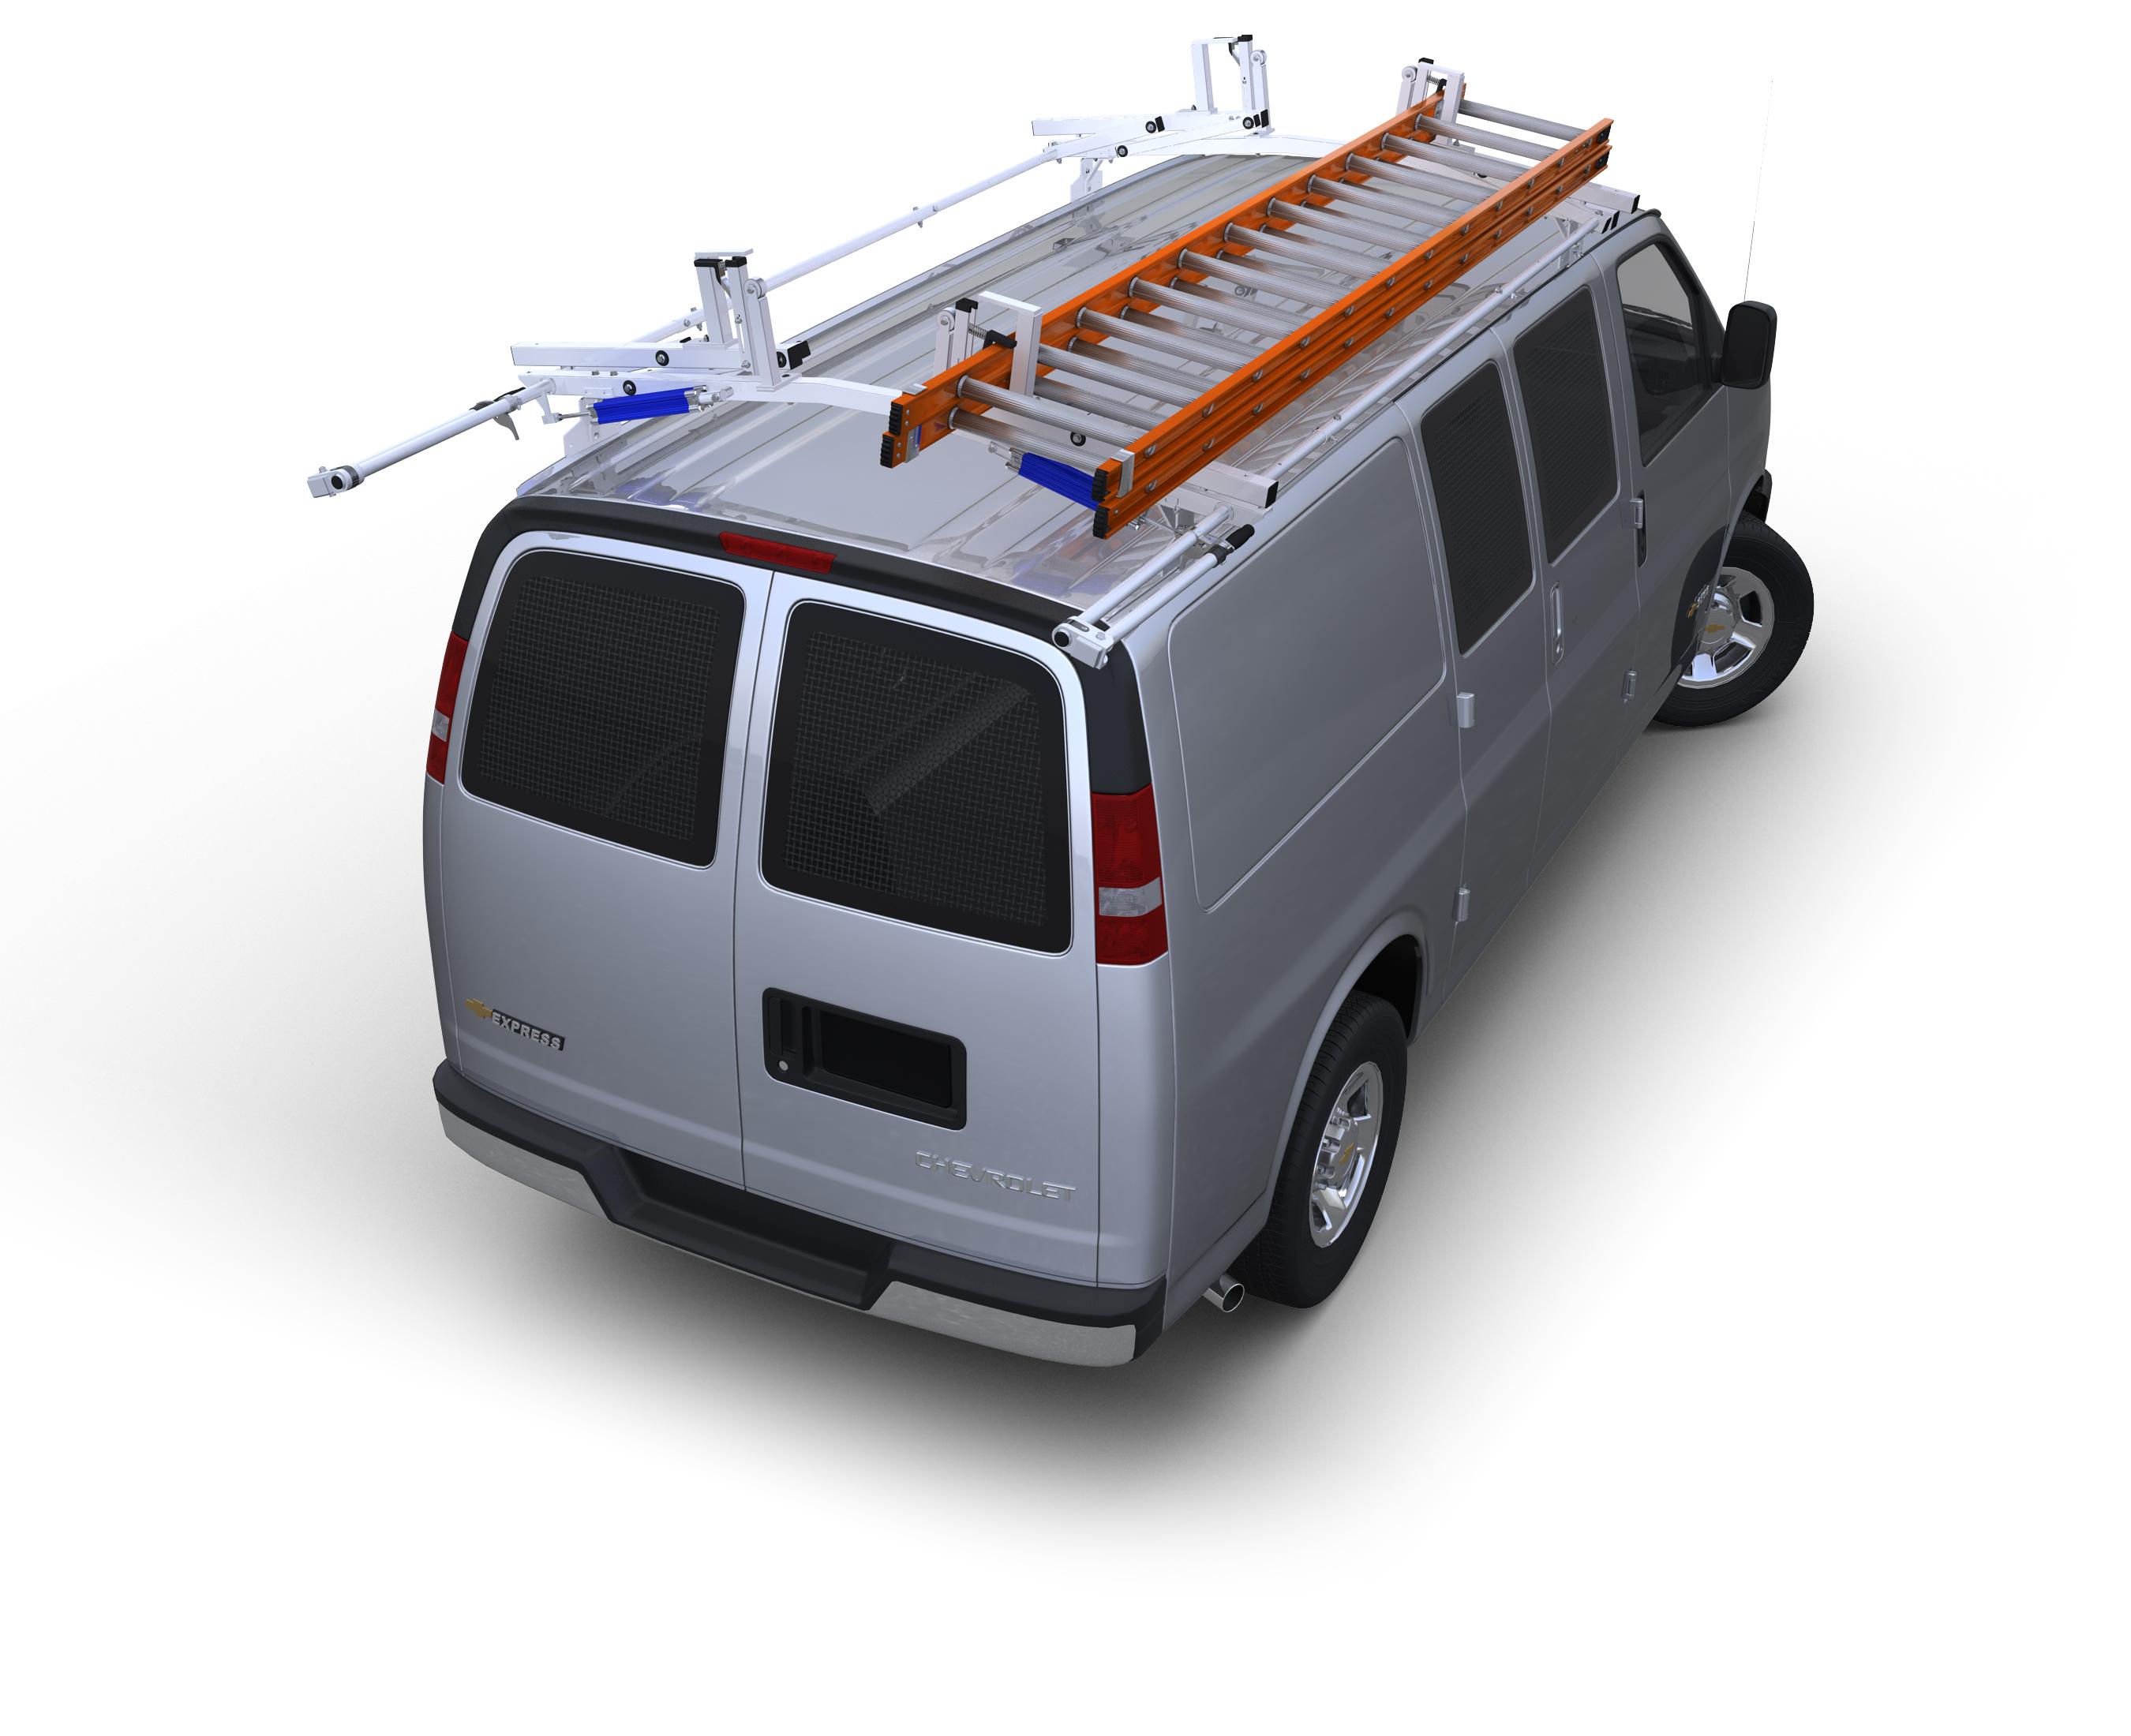 Enclosed Service Body ErgoRack by Prime Design